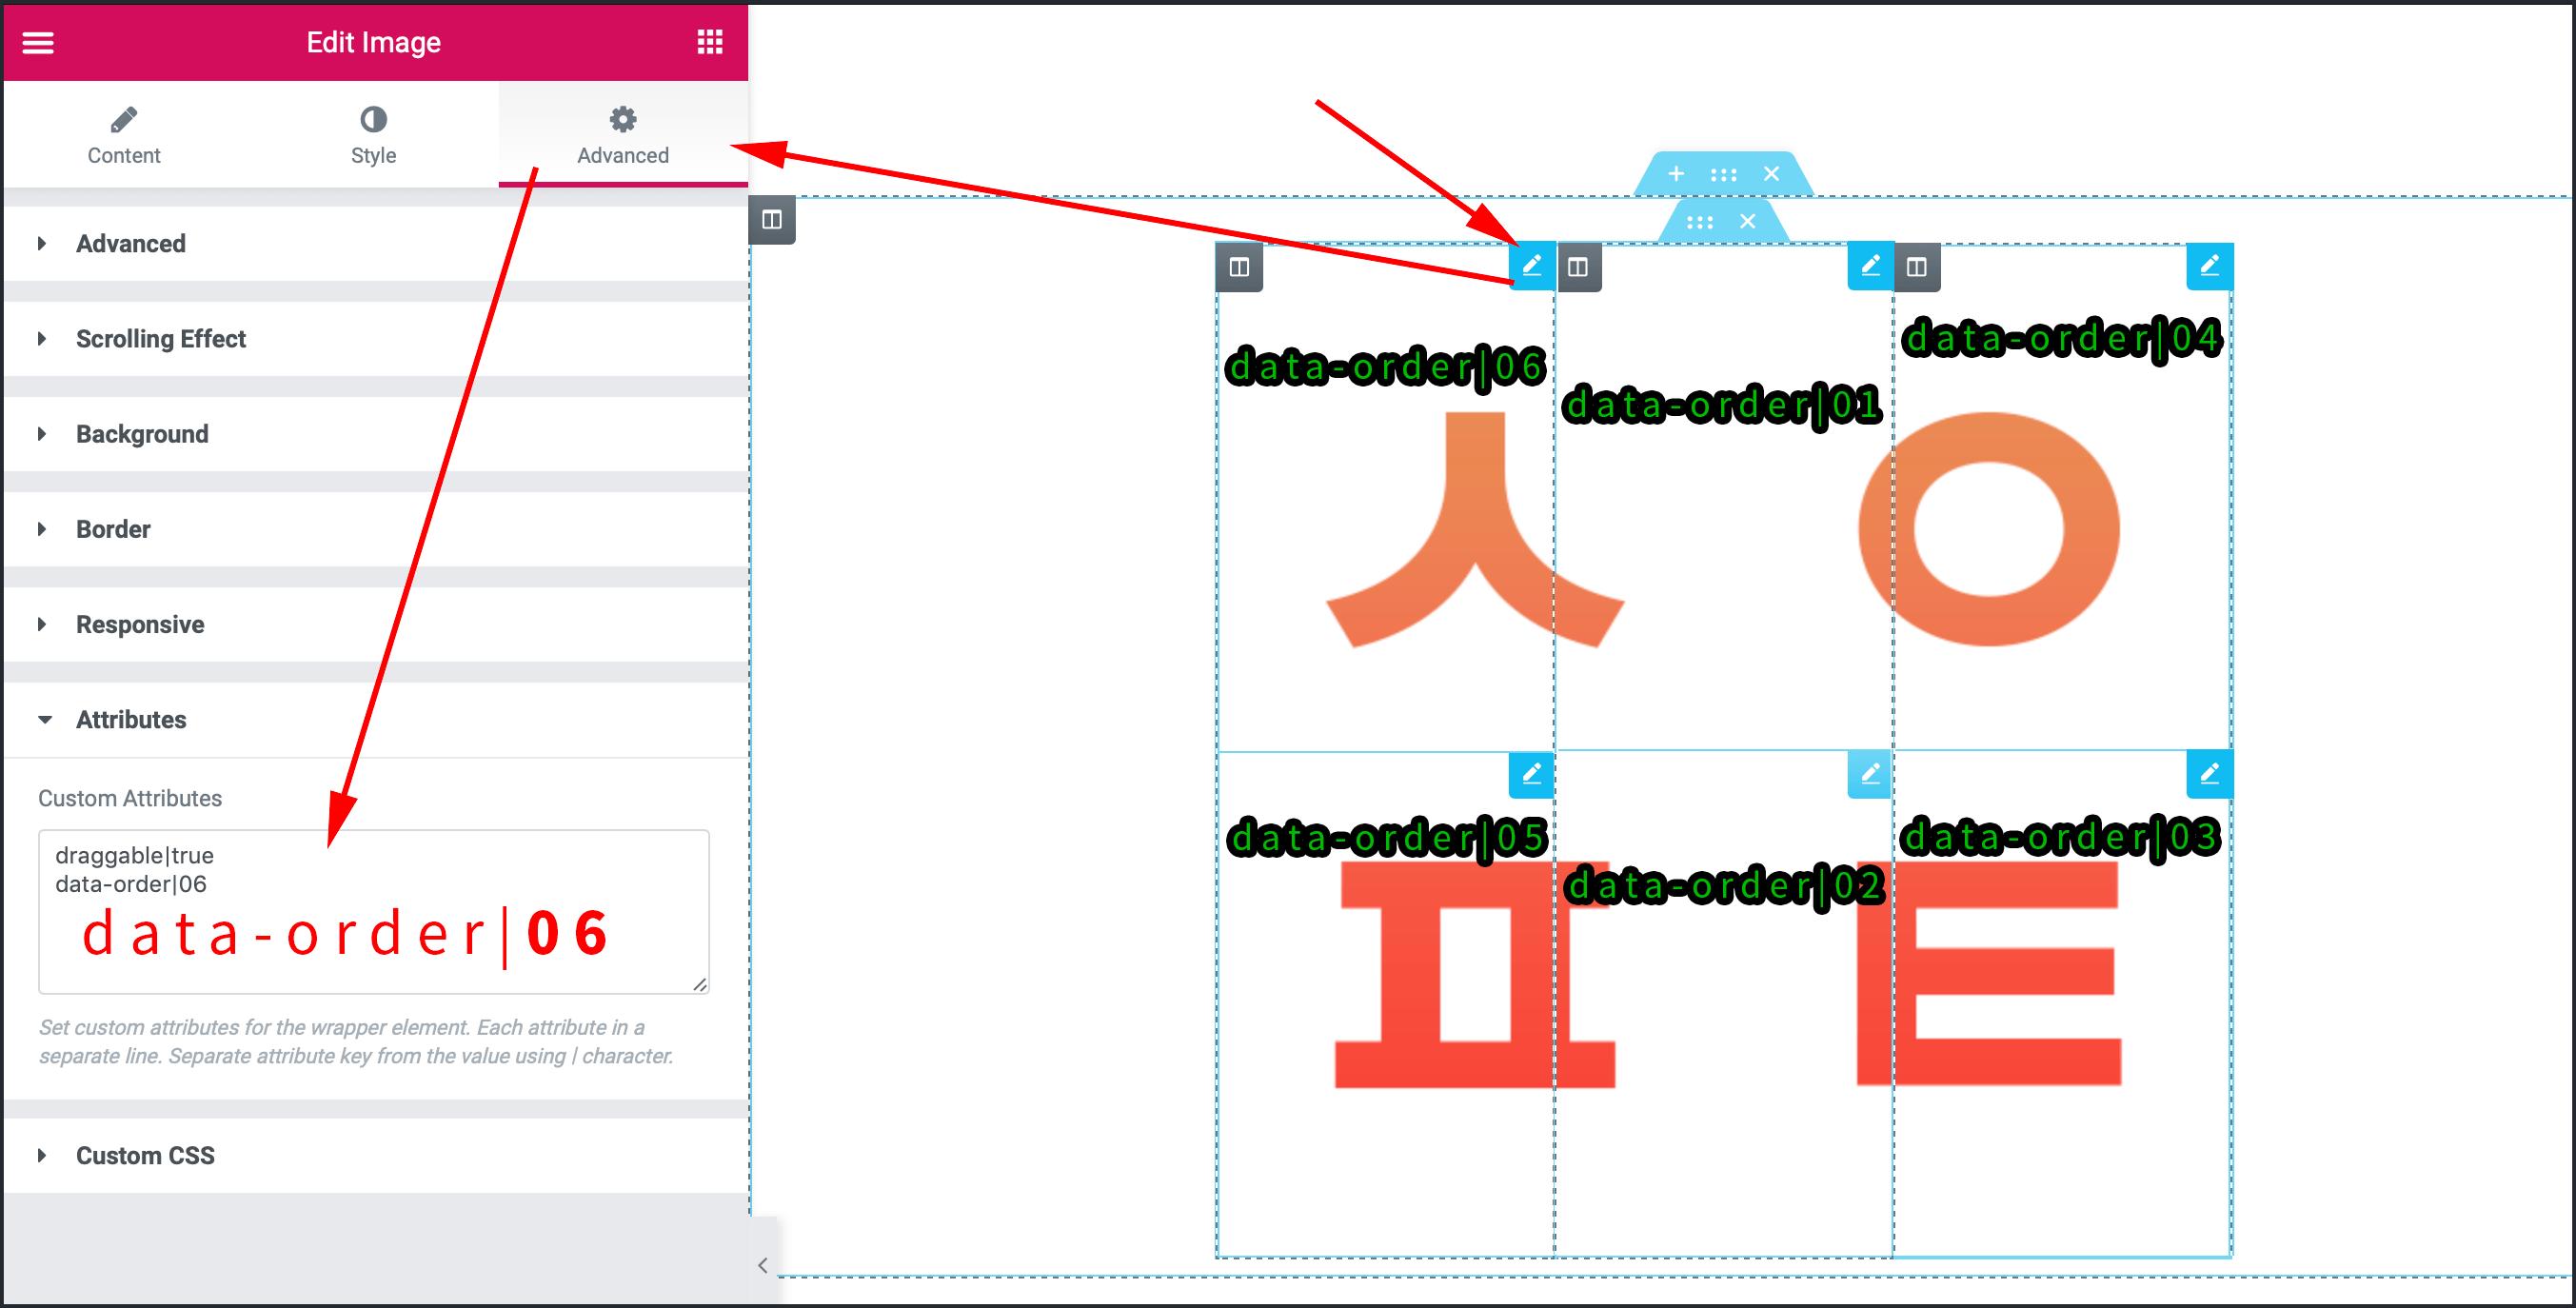 이미지위젯 advanced의 Attributes에 data-order|06 처럼 입력. 각각의 이미지위젯마다 입력해야할 data-order|번호를 표시해놓았다